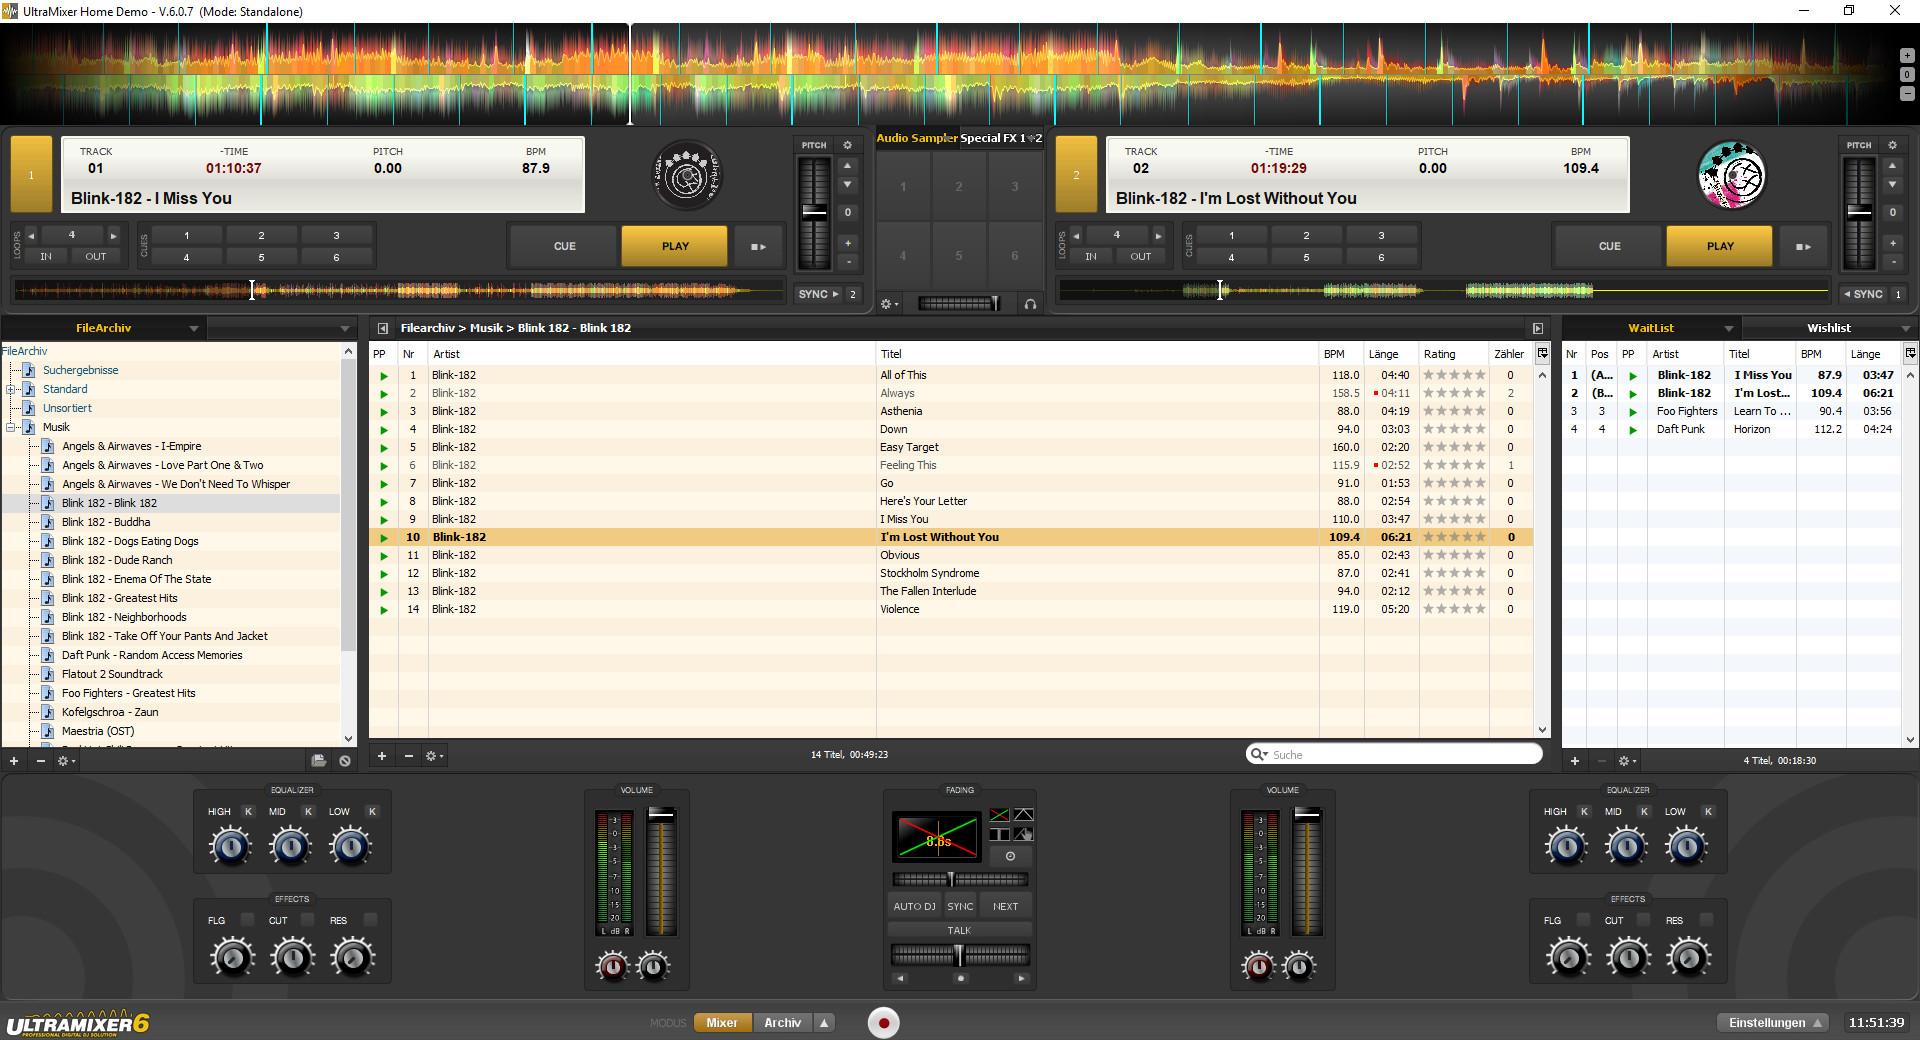 Screenshot 1 - UltraMixer